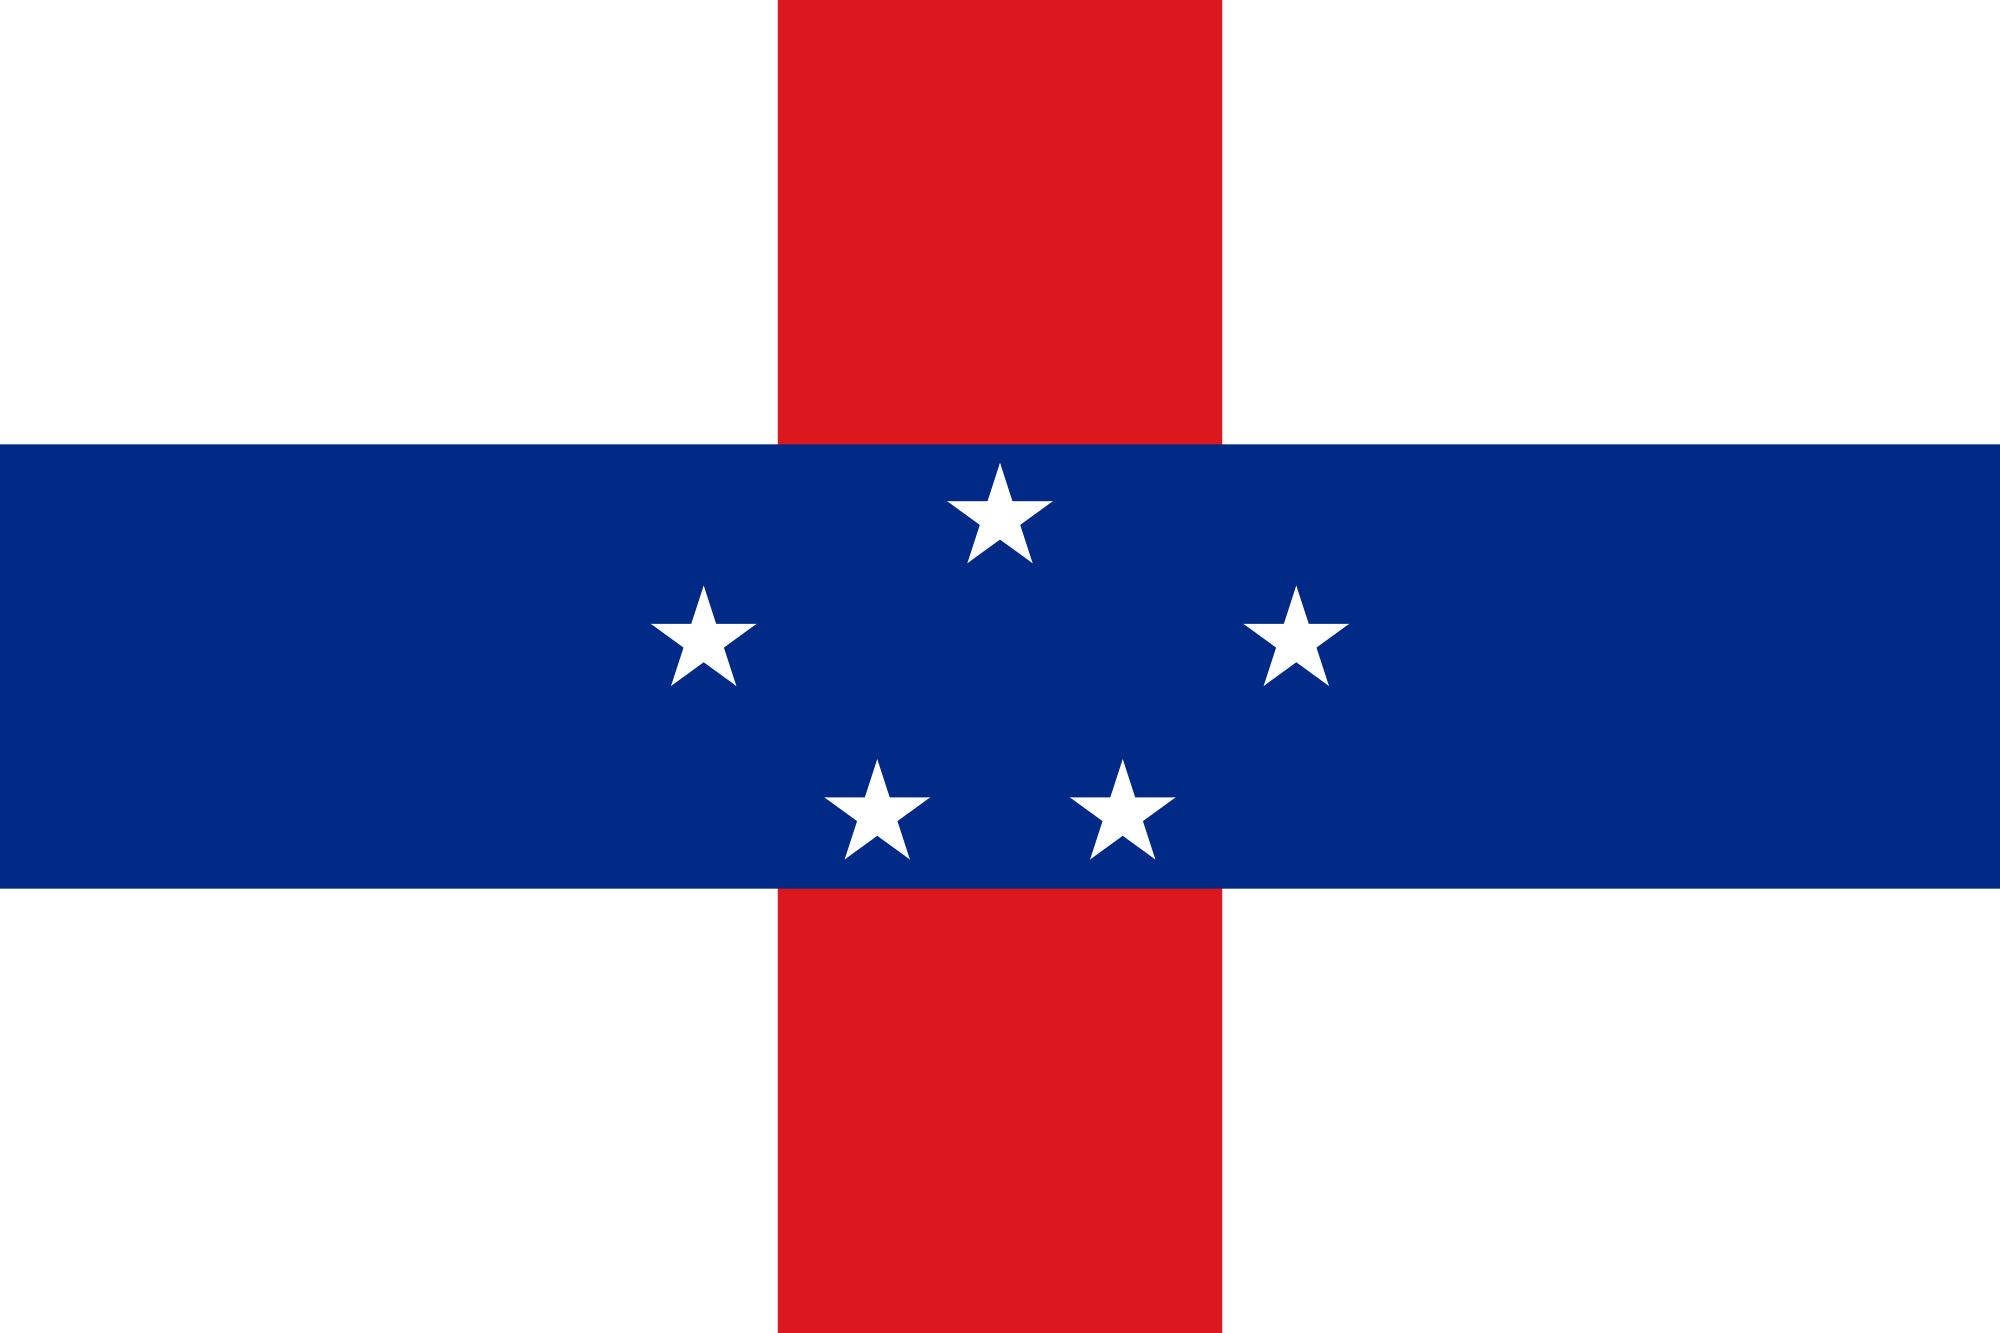 荷属安地列斯群岛, 国家, 会徽, 徽标, 符号 - 高清壁纸 - 教授-falken.com